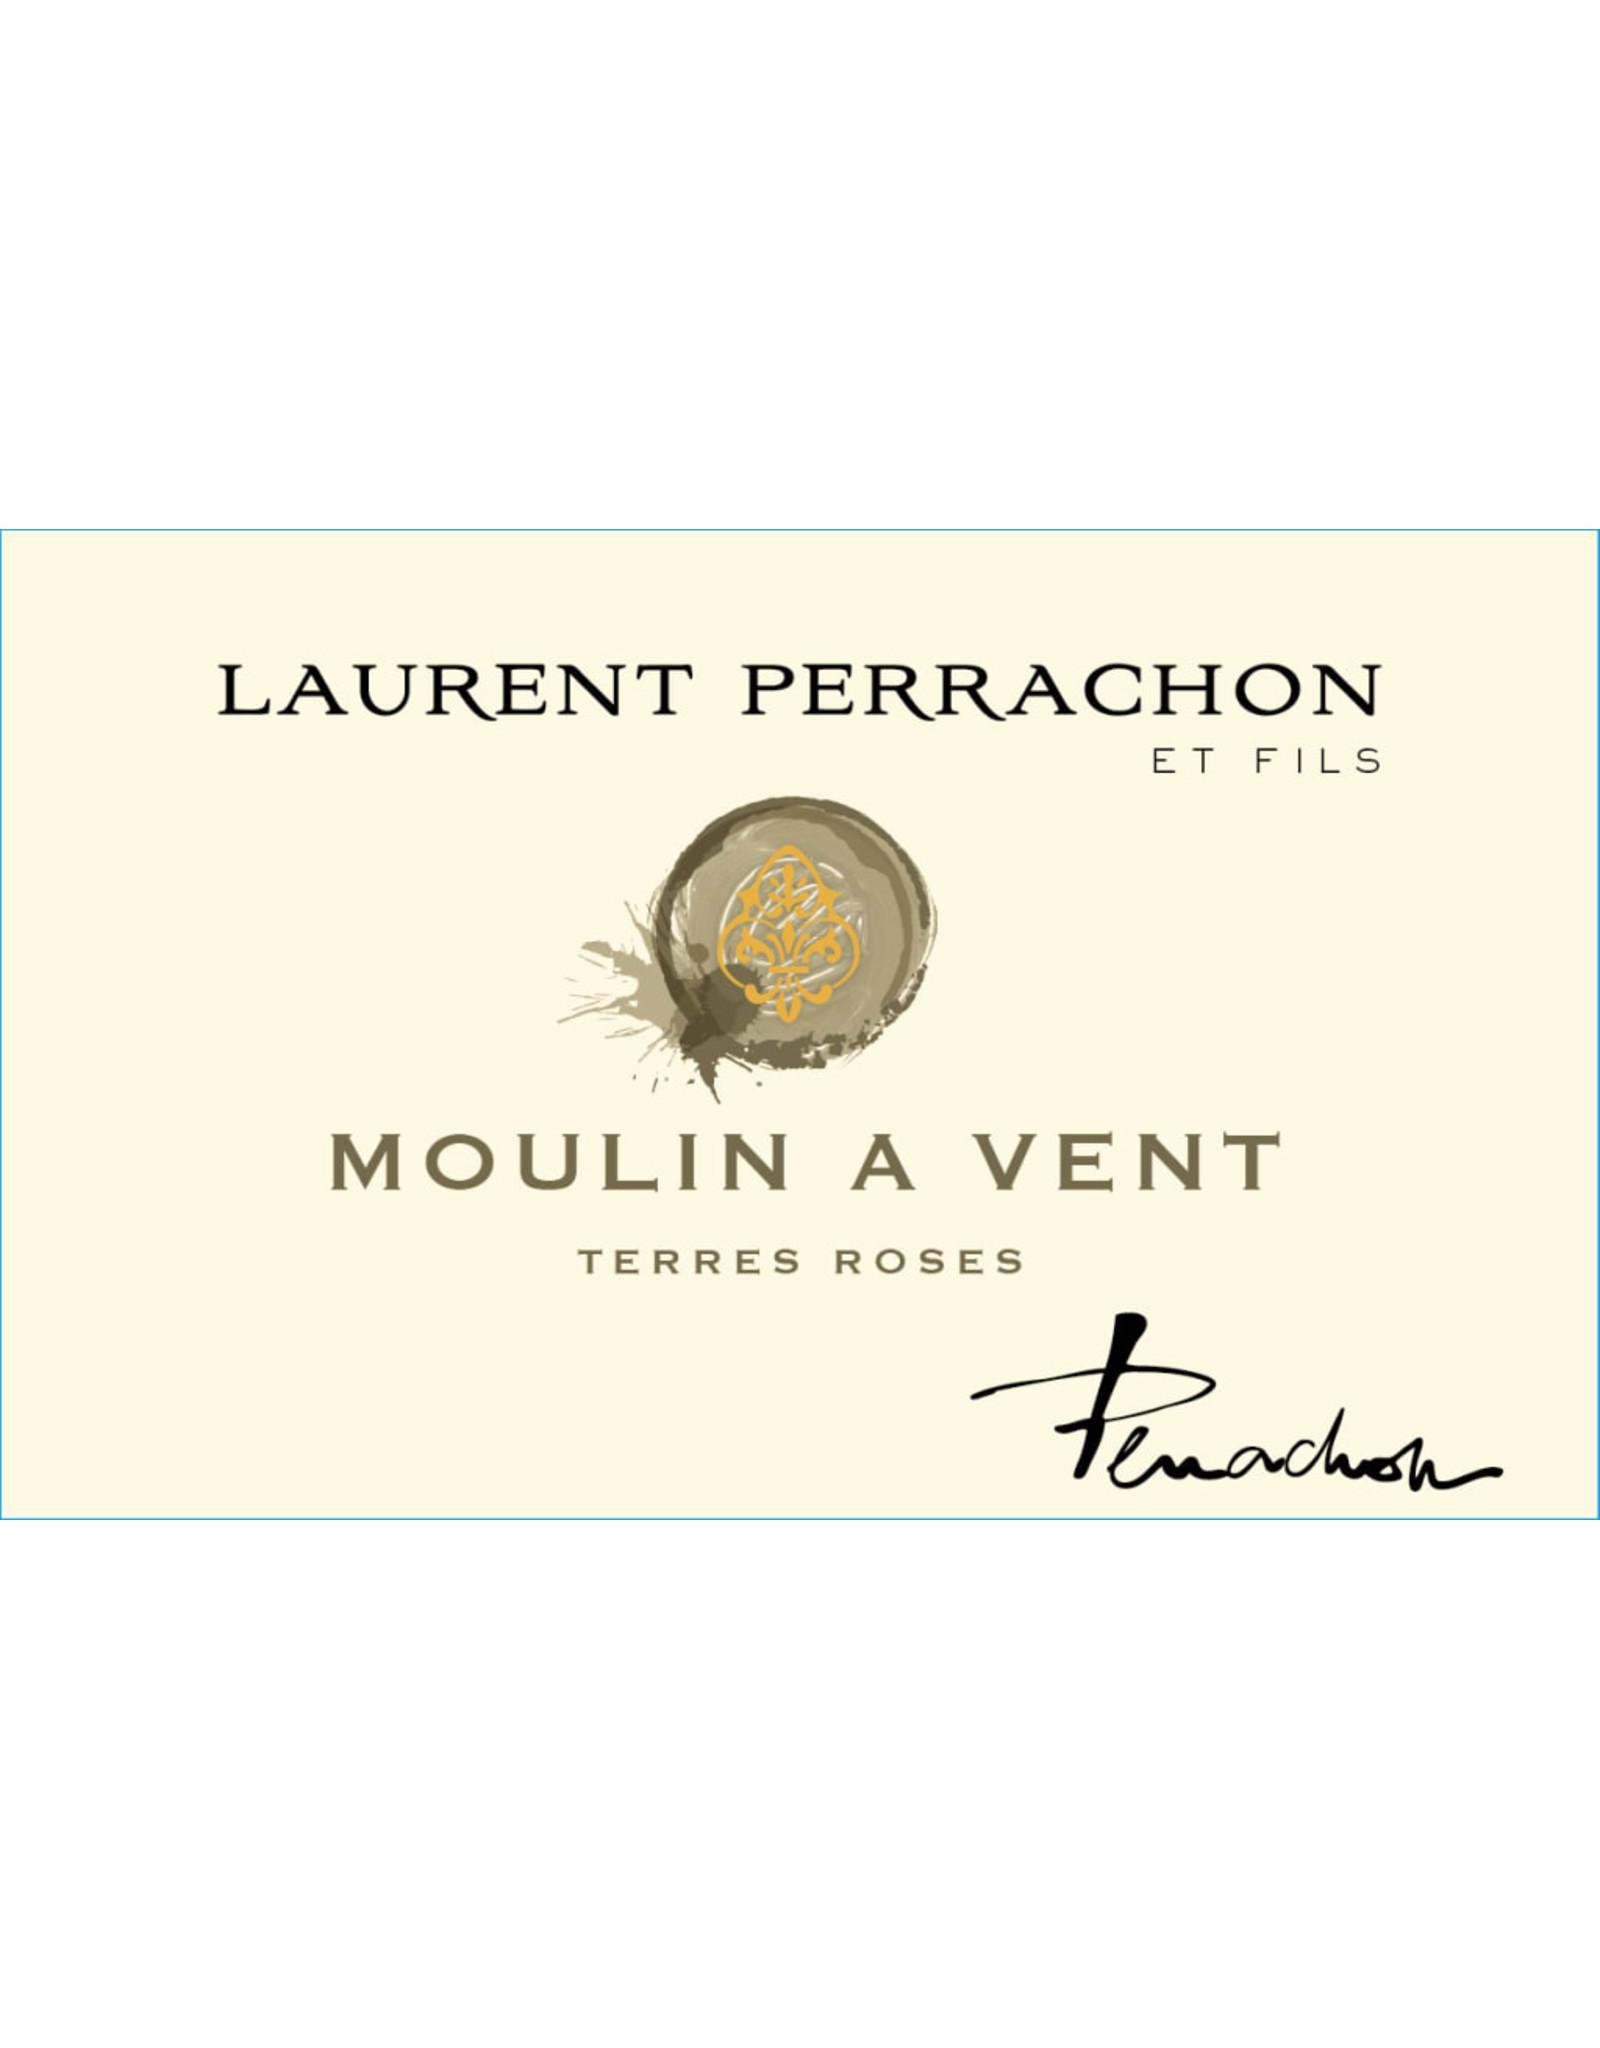 Laurent Perrachon Laurent Perrachon Terres Roses Moulin-au-Vent, Beaujolais 2018